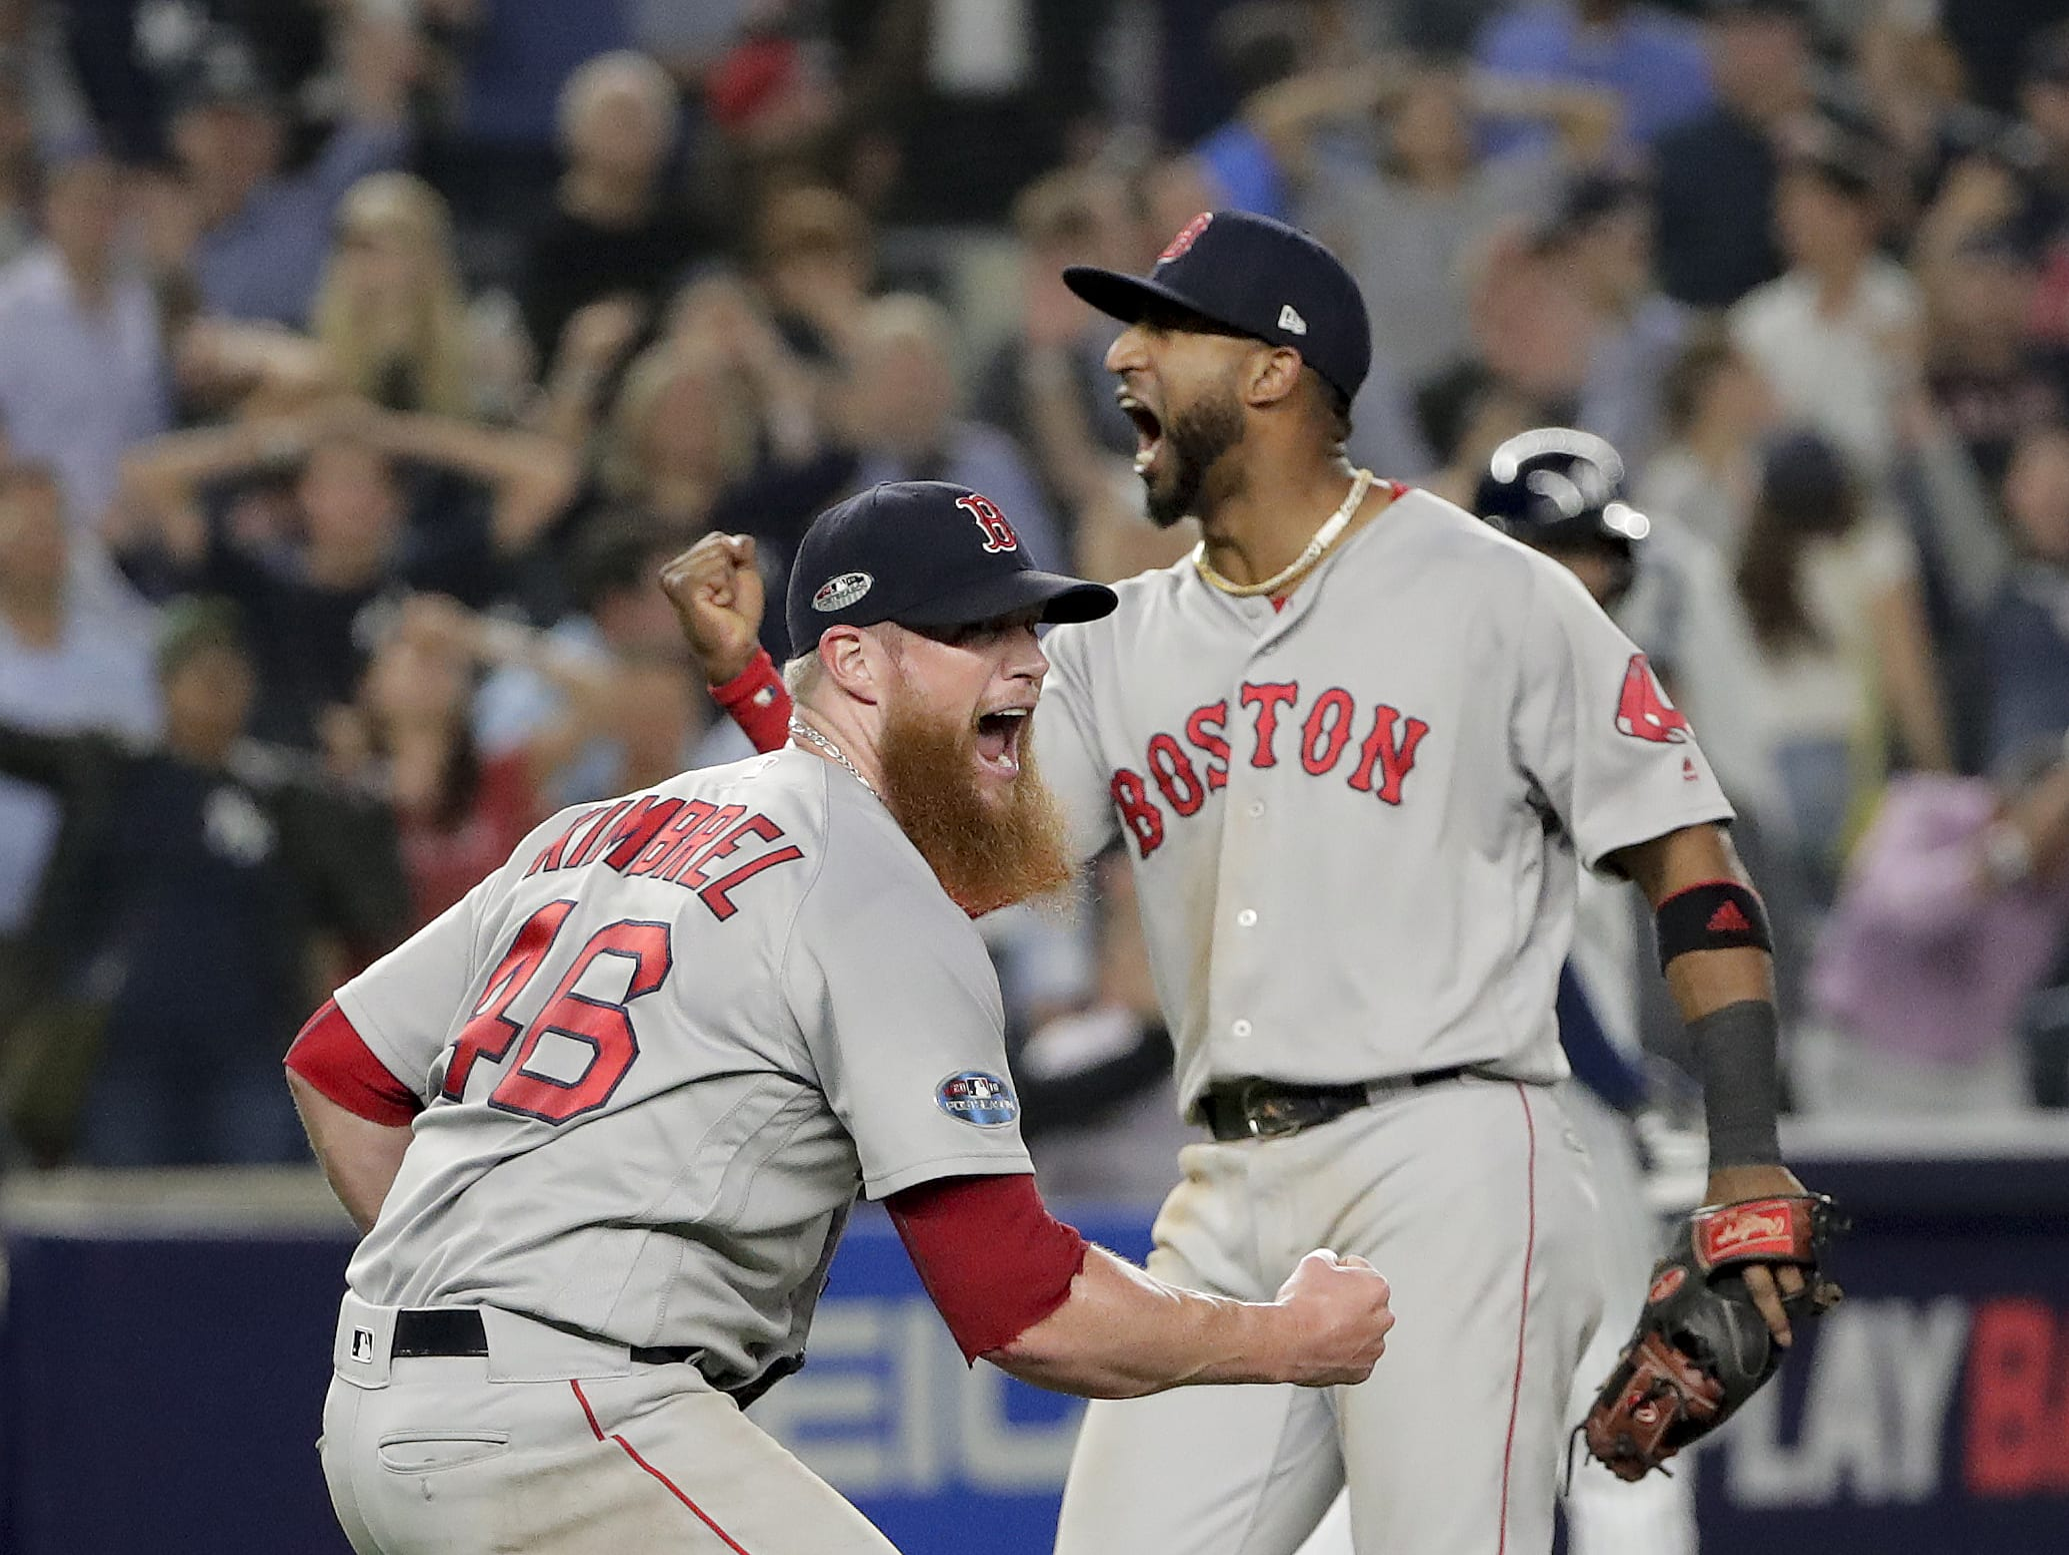 בייסבול: בוסטון ניצחה, הושלמה תמונת העולות לגמר החטיבה